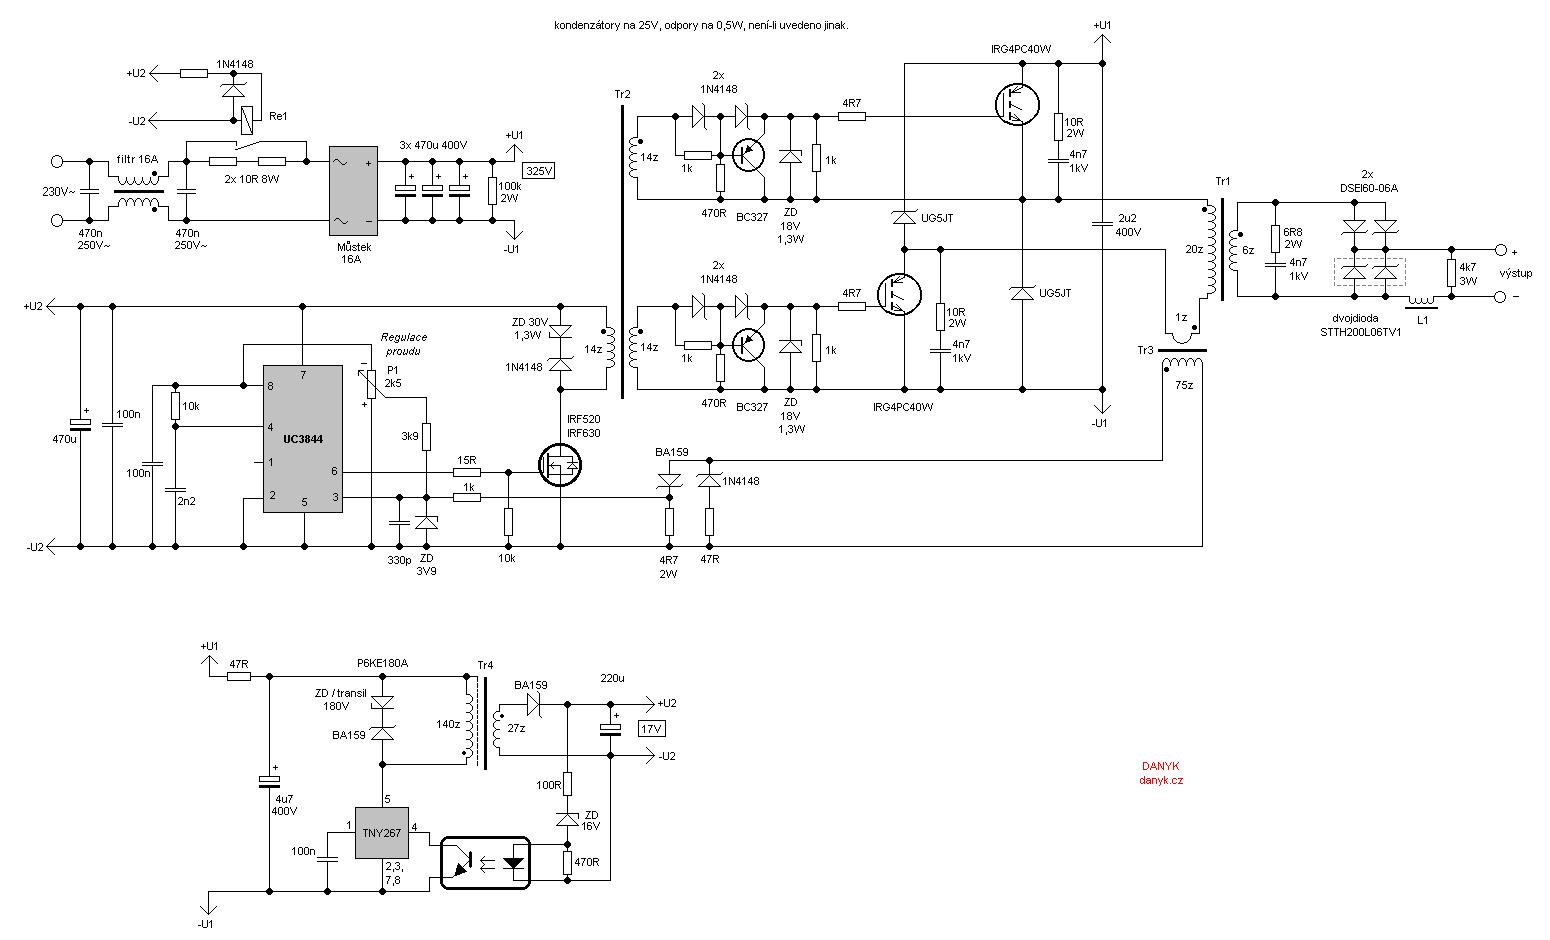 ot_4702] welding inverter schematic diagram free diagram  sulf caba opein mohammedshrine librar wiring 101